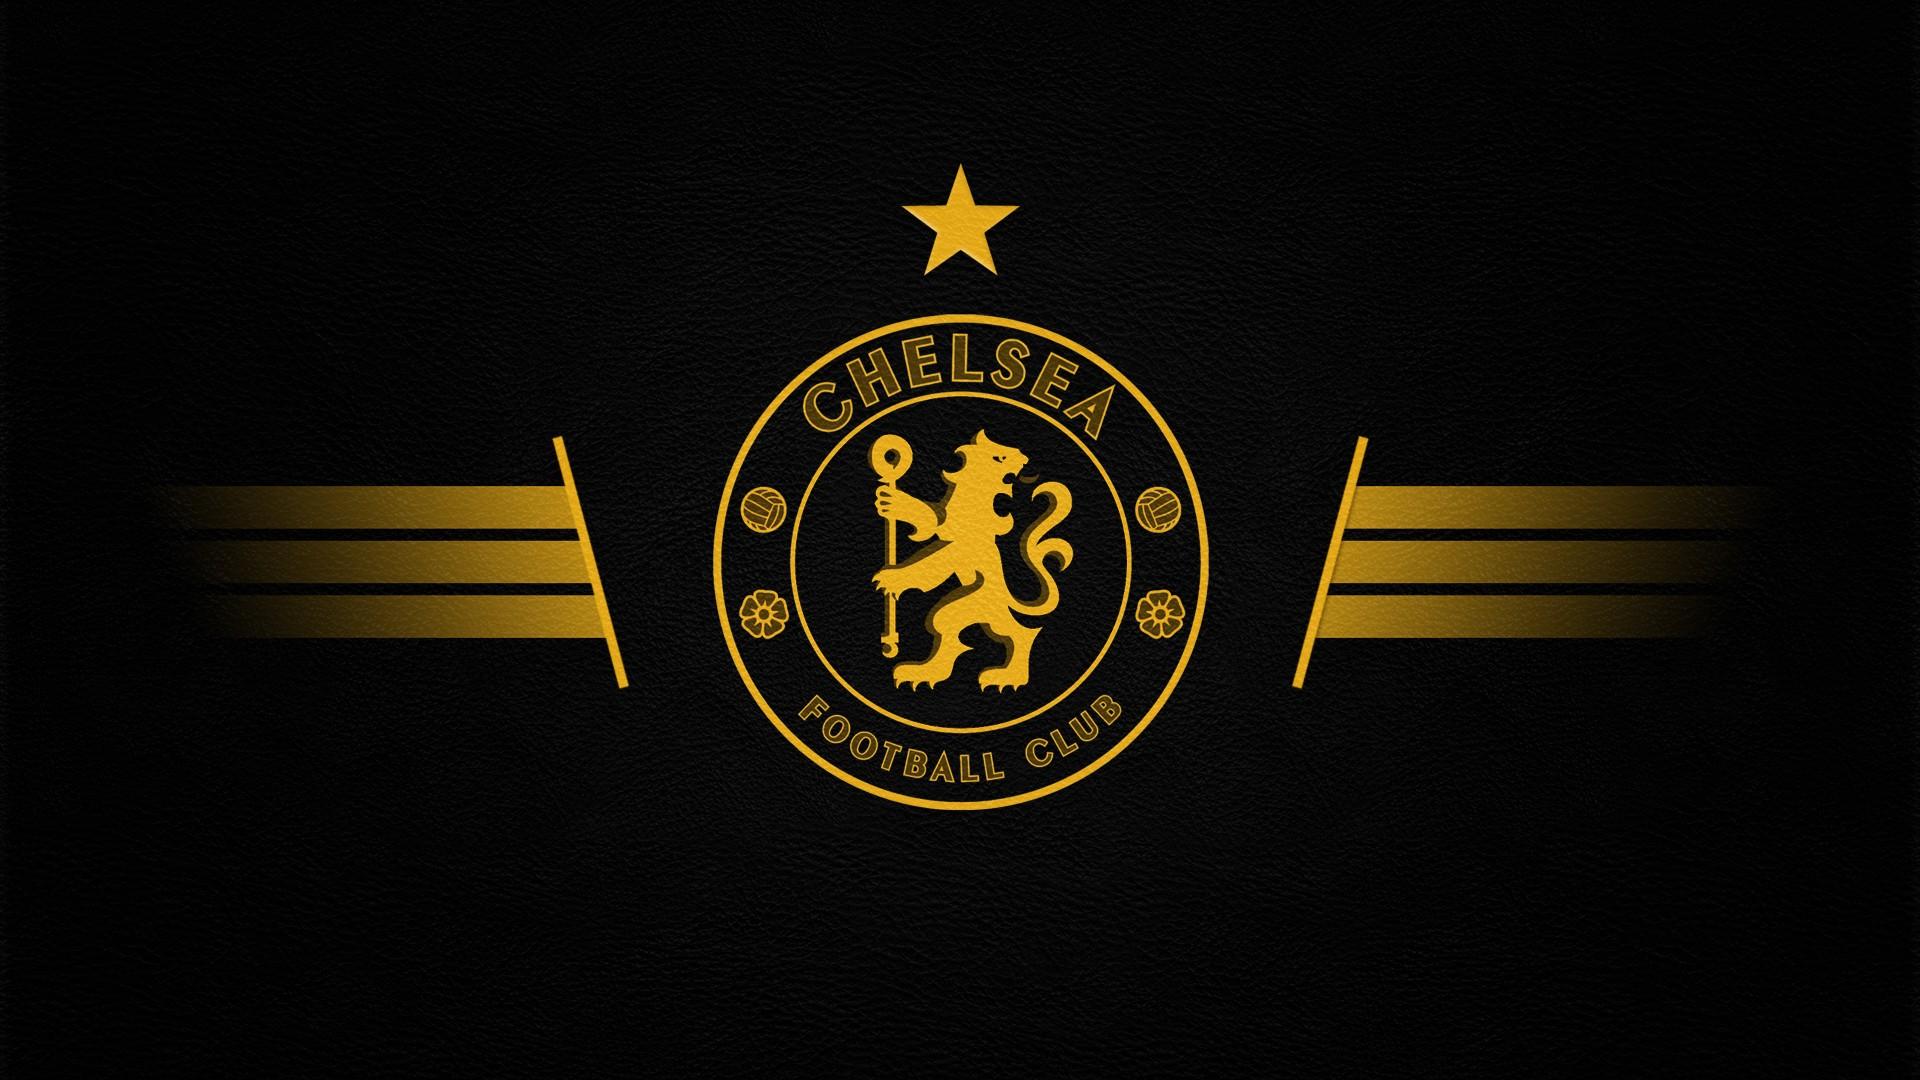 Sfondi illustrazione logo giallo squadre di calcio chelsea illustrazione logo giallo squadre di calcio calcio chelsea fc marca premier league oscurit 1920x1080 px sfondo voltagebd Gallery